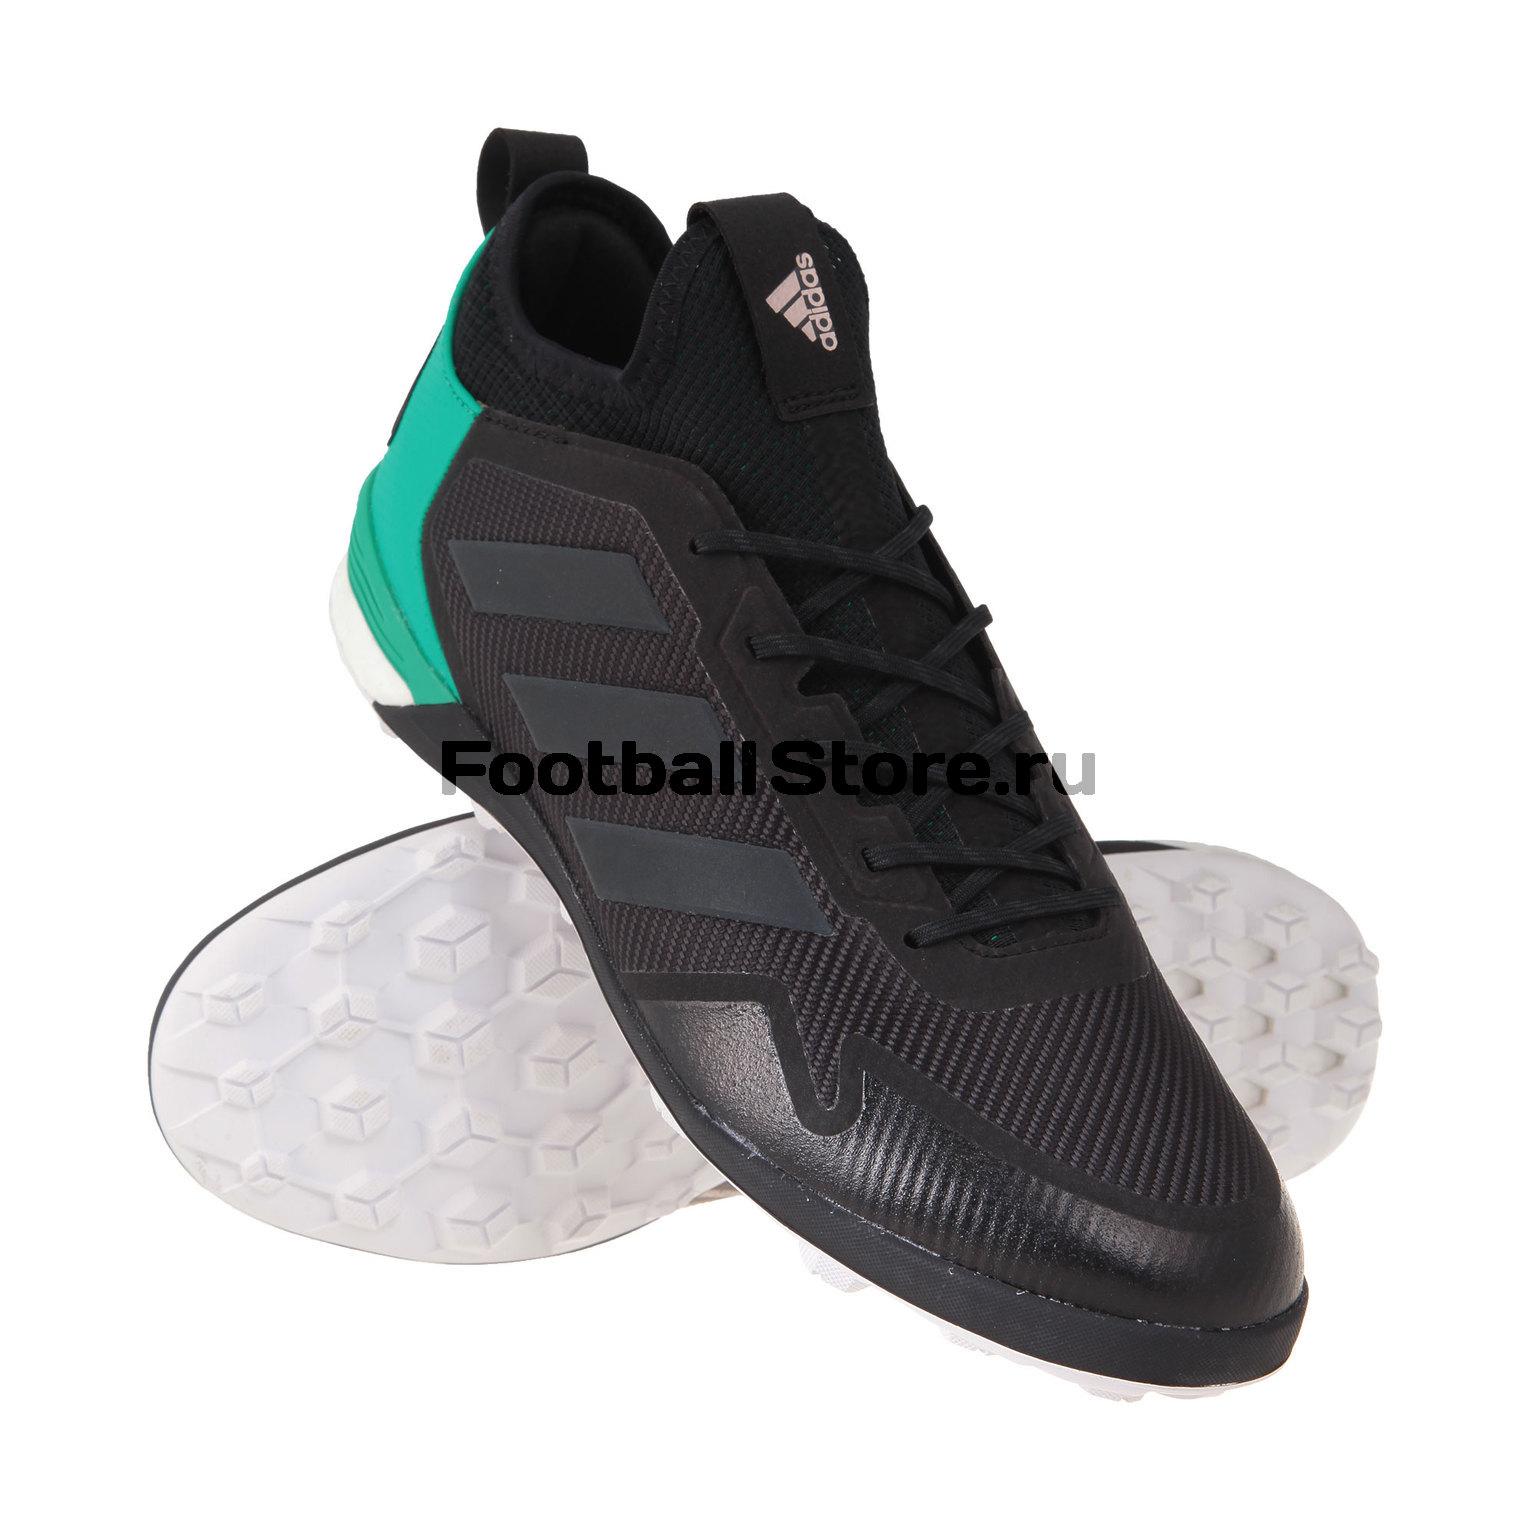 Шиповки Adidas Шиповки Adidas Ace Tango 17.1 TF S80700 шиповки asics шиповки sonicsprint elite